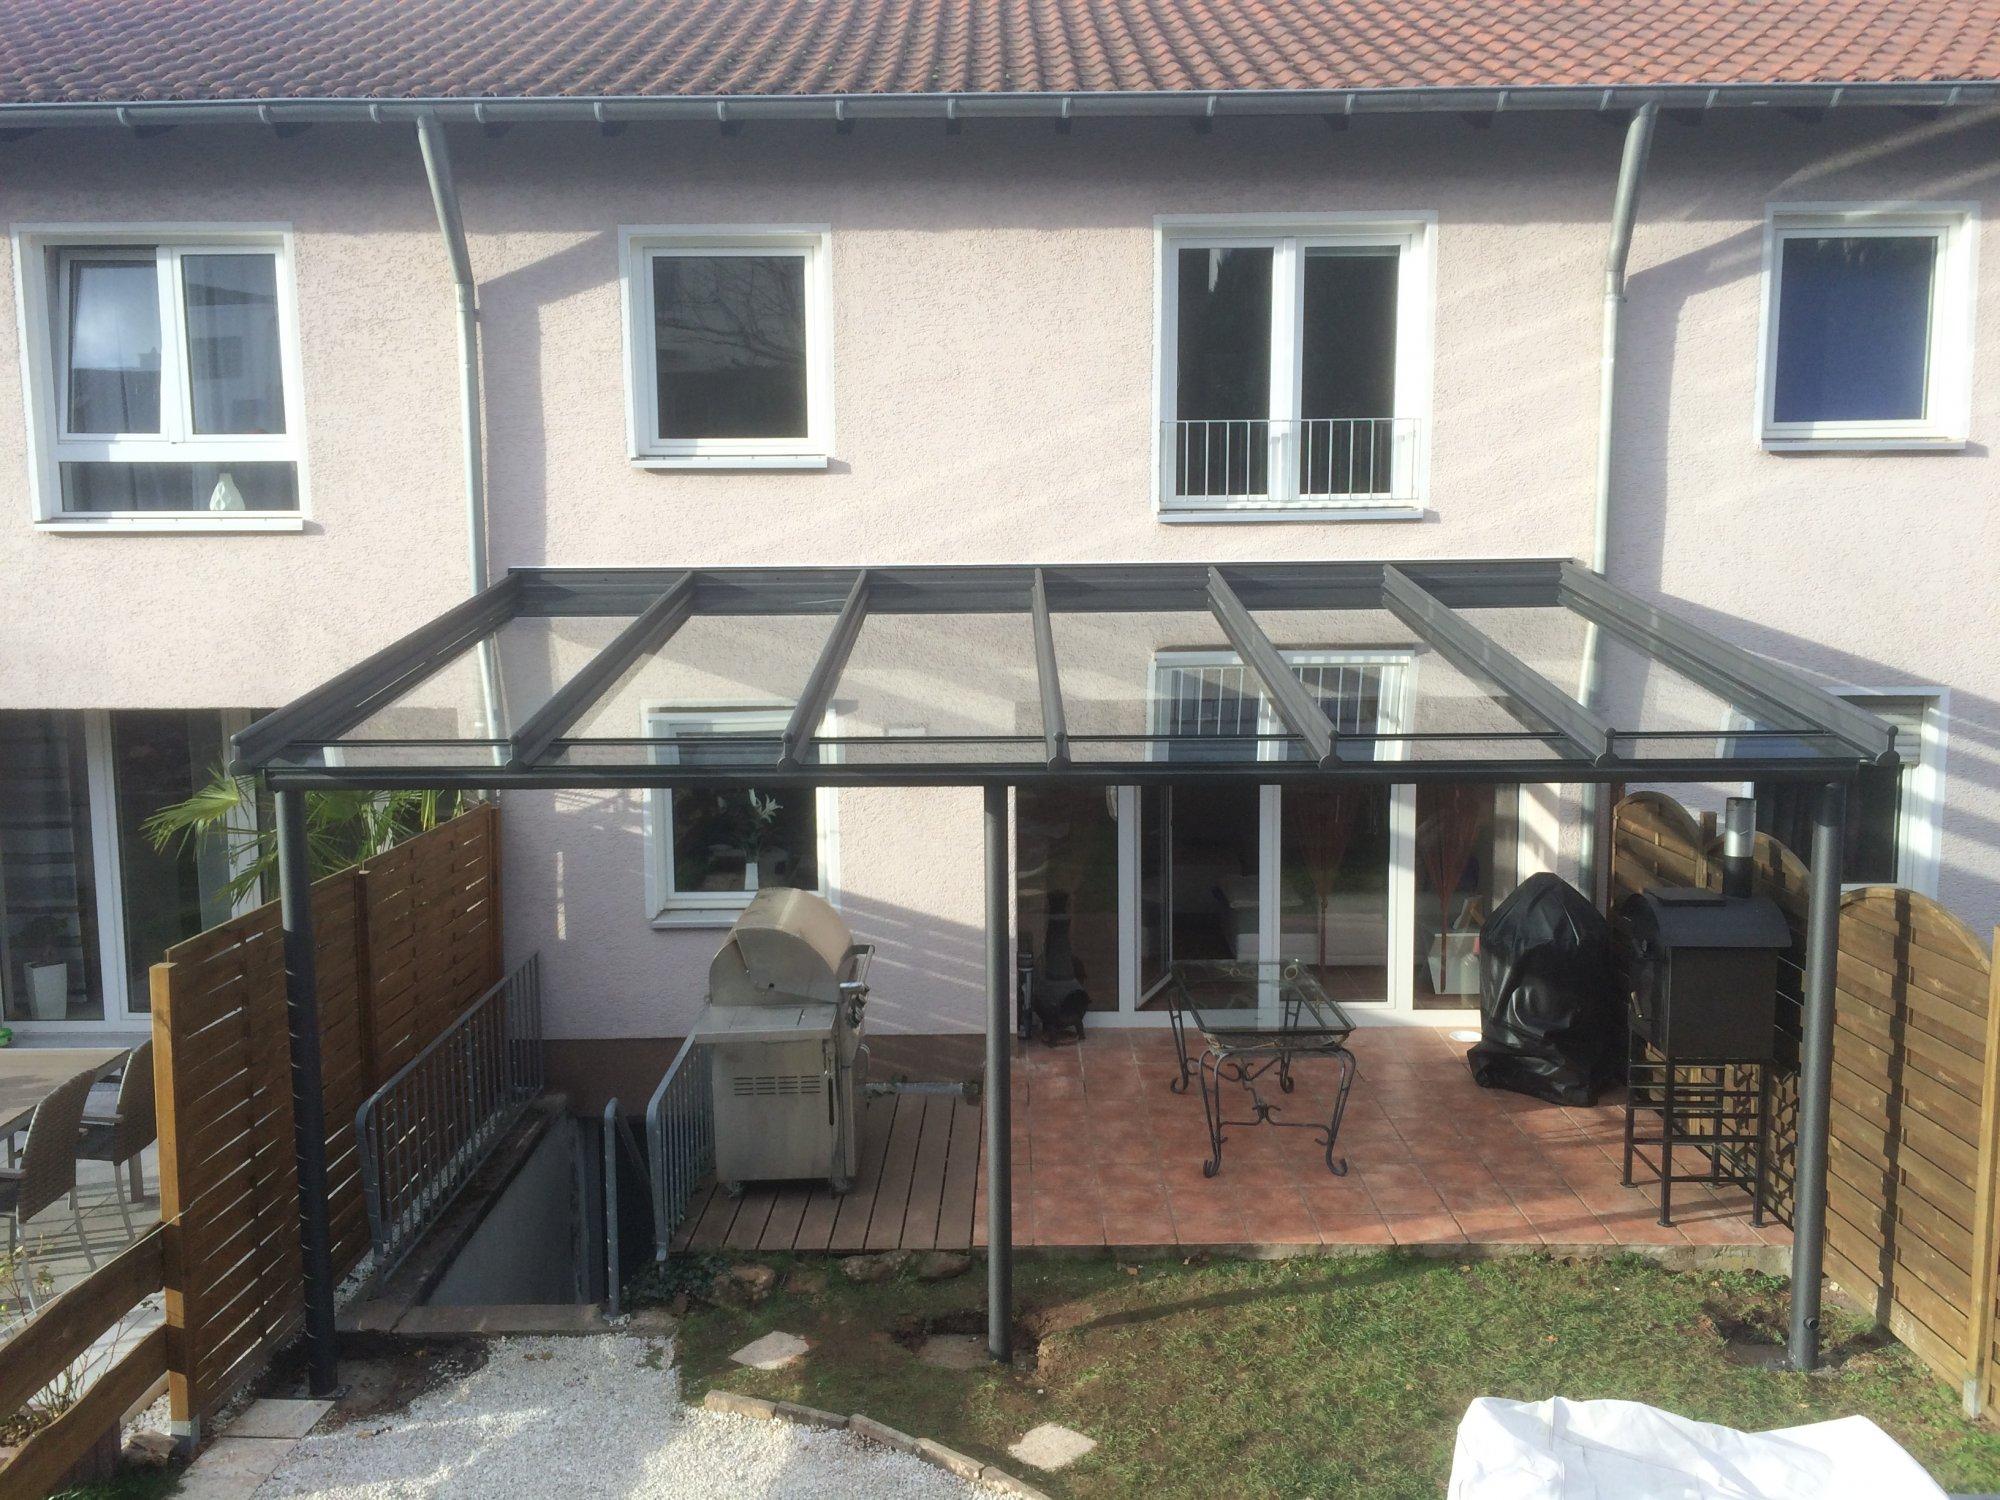 Outdoor Küche Grillsportverein : Outdoorküche bauabschnitt fertig erweiterung terrassenfläche